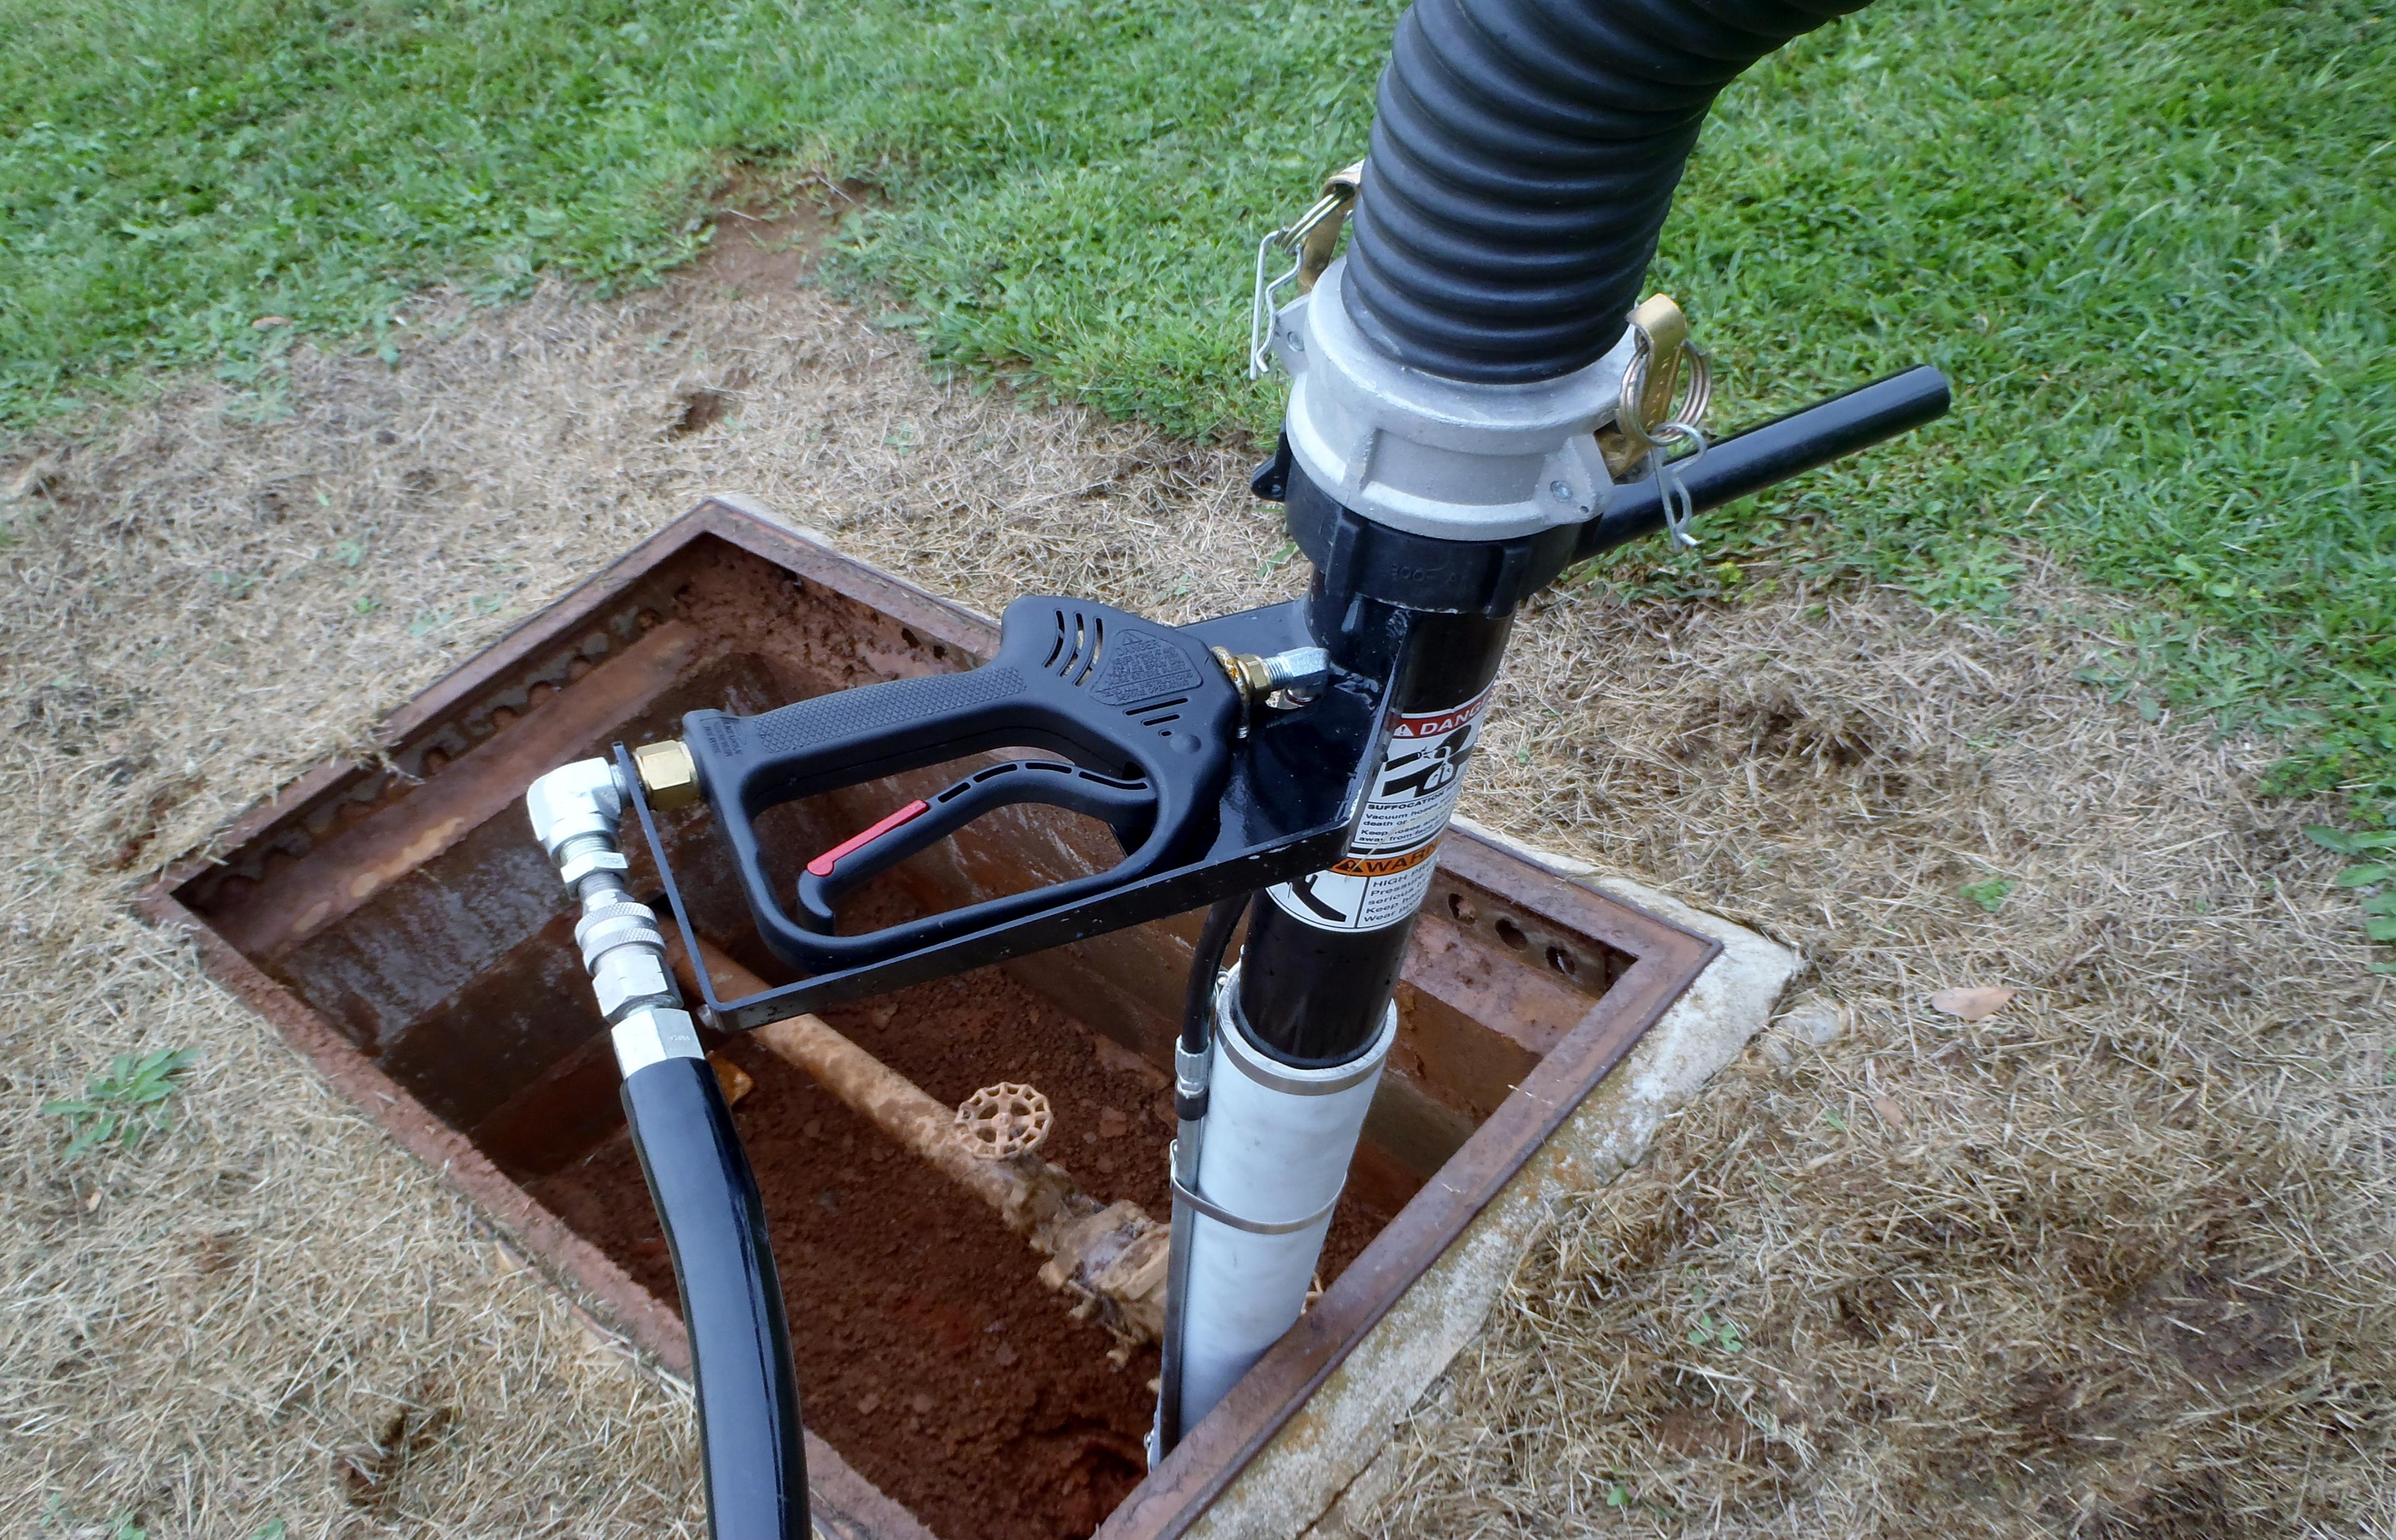 Vacuum Excavator Accessories Amp Tools Mclaughlin